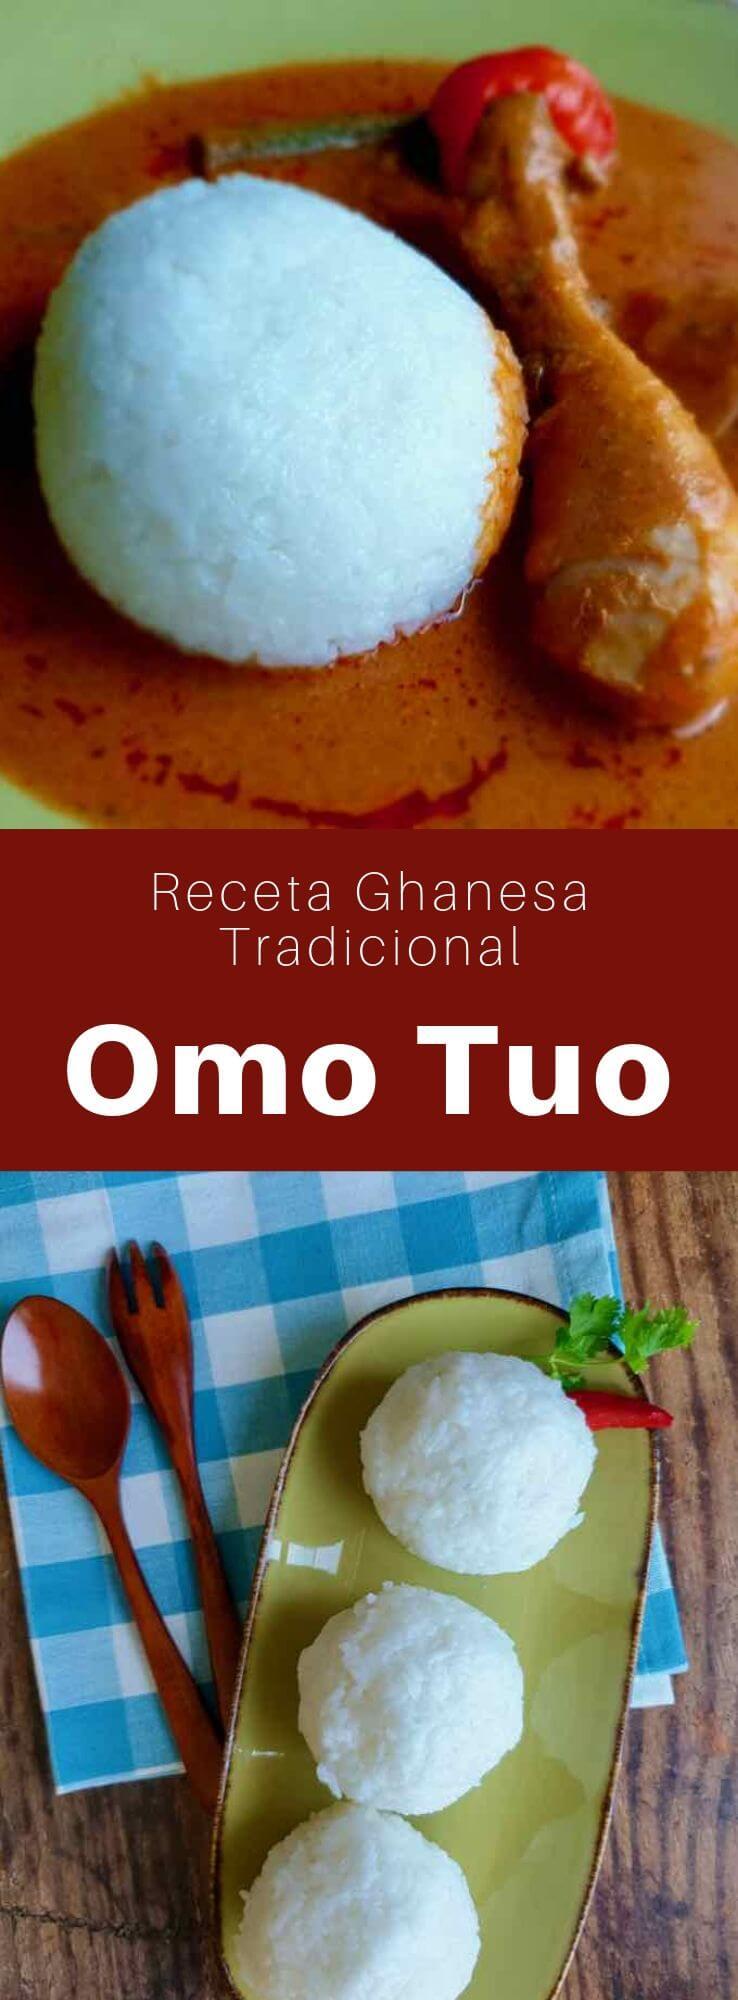 El omo tuo es una guarnición ghanesa, originaria del pueblo hausa, que se prepara cocinando arroz muy blando y luego triturando o haciendo rodar el arroz para formar bolas pegajosas.